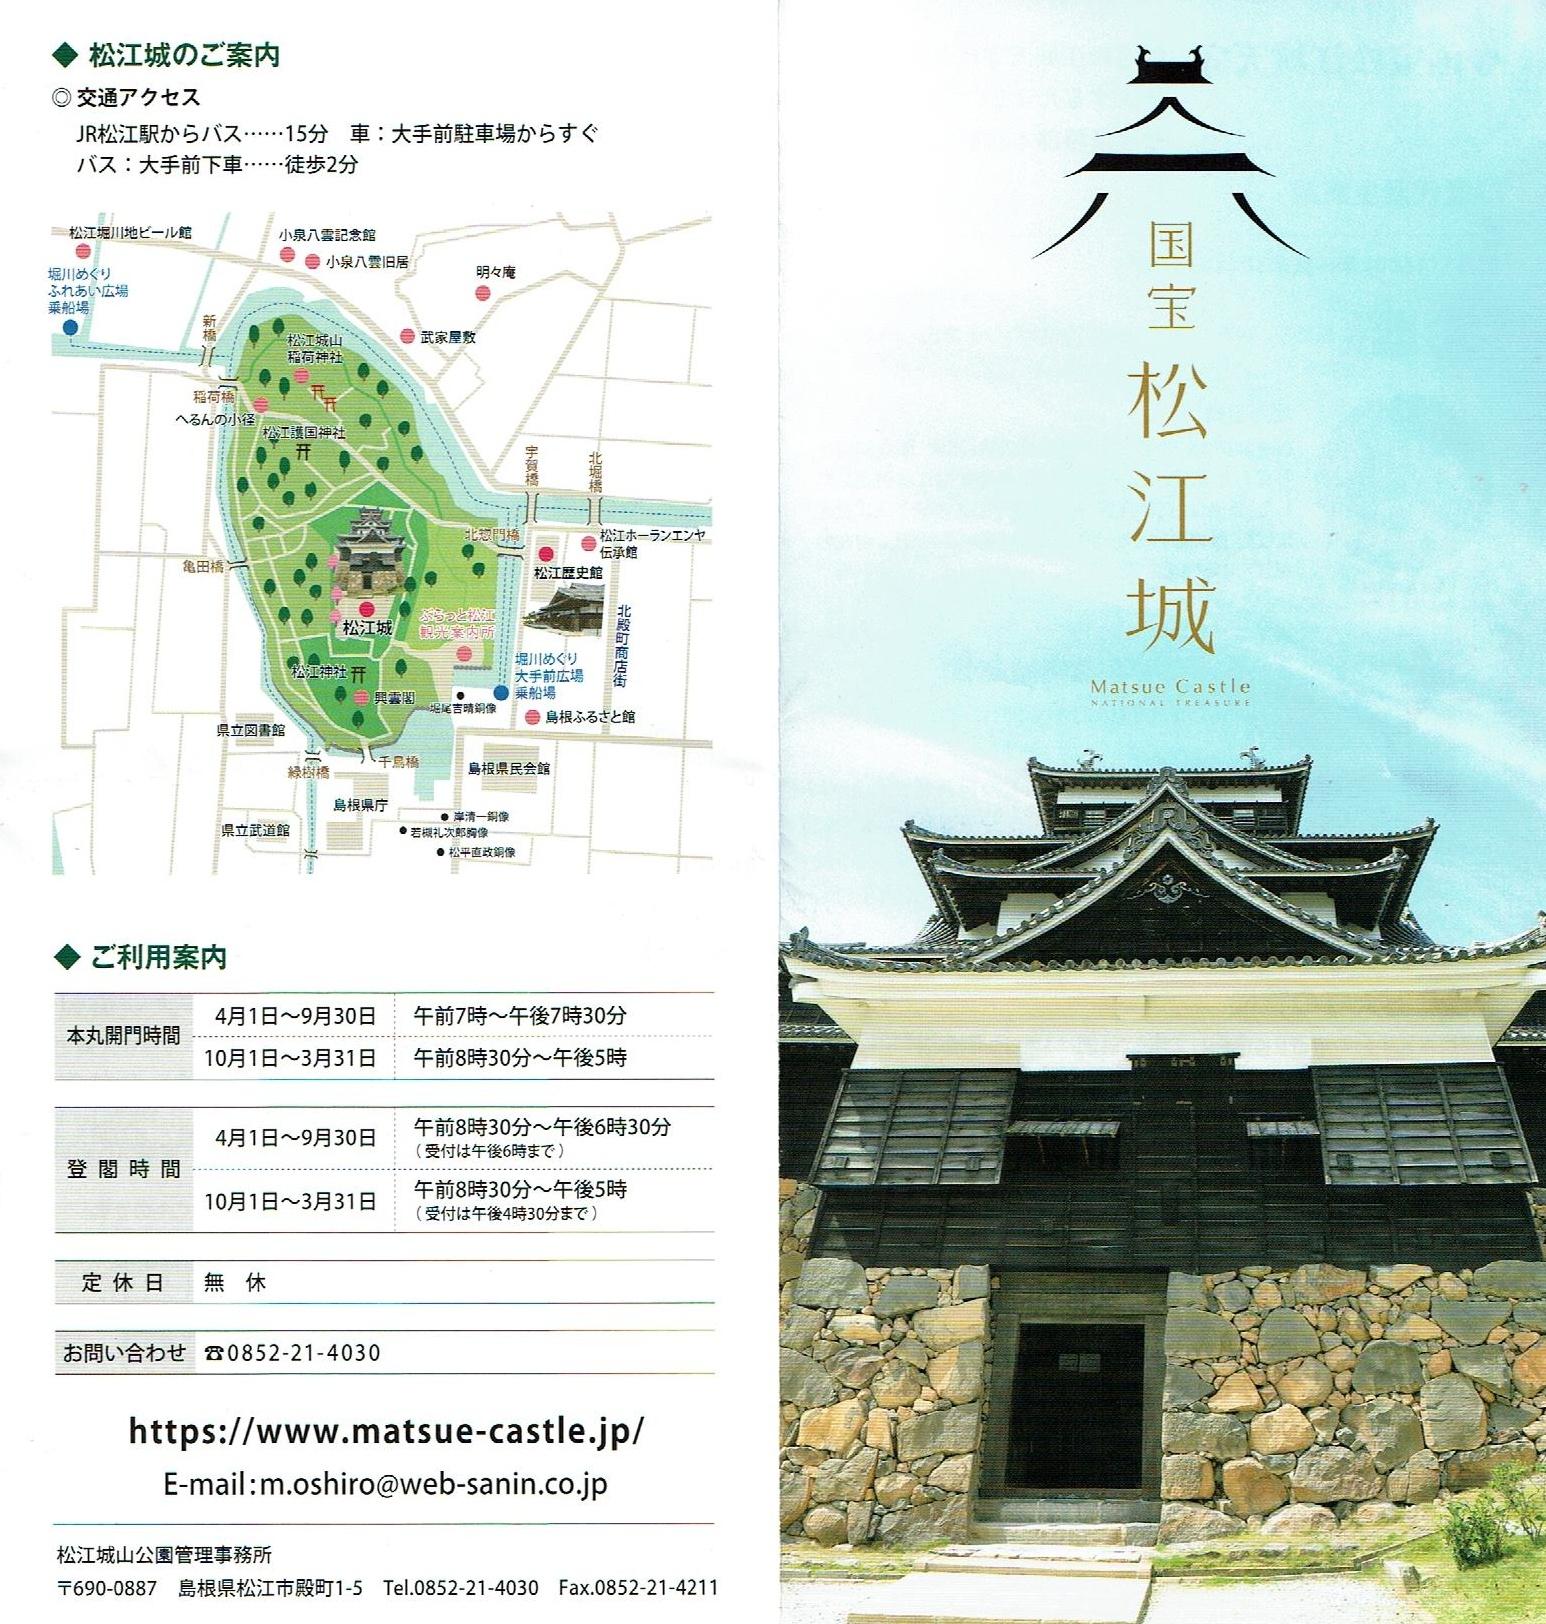 松江城のパンフレット